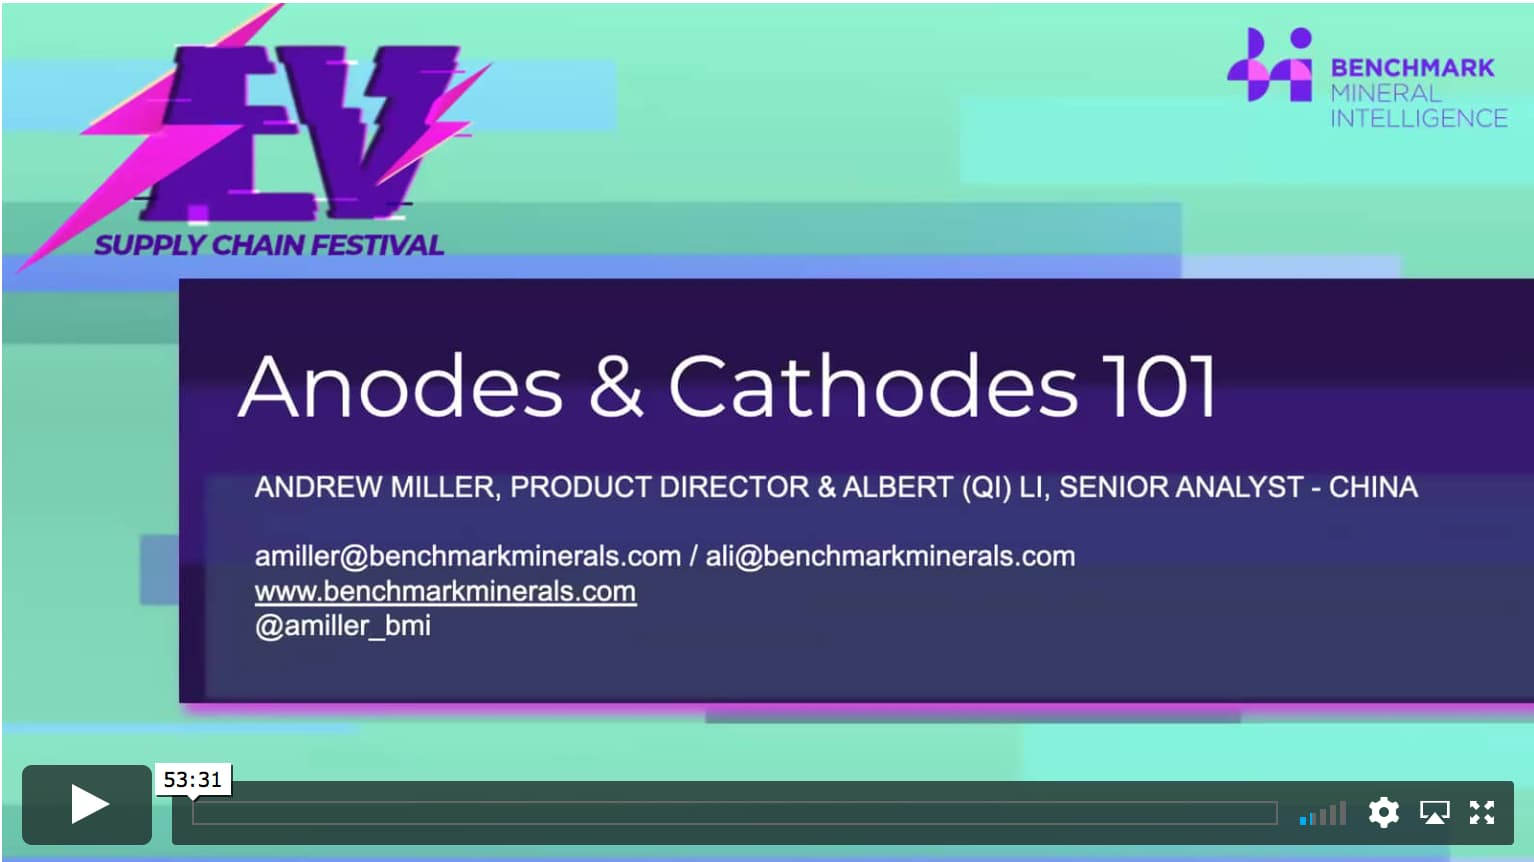 Anodes & Cathodes 101